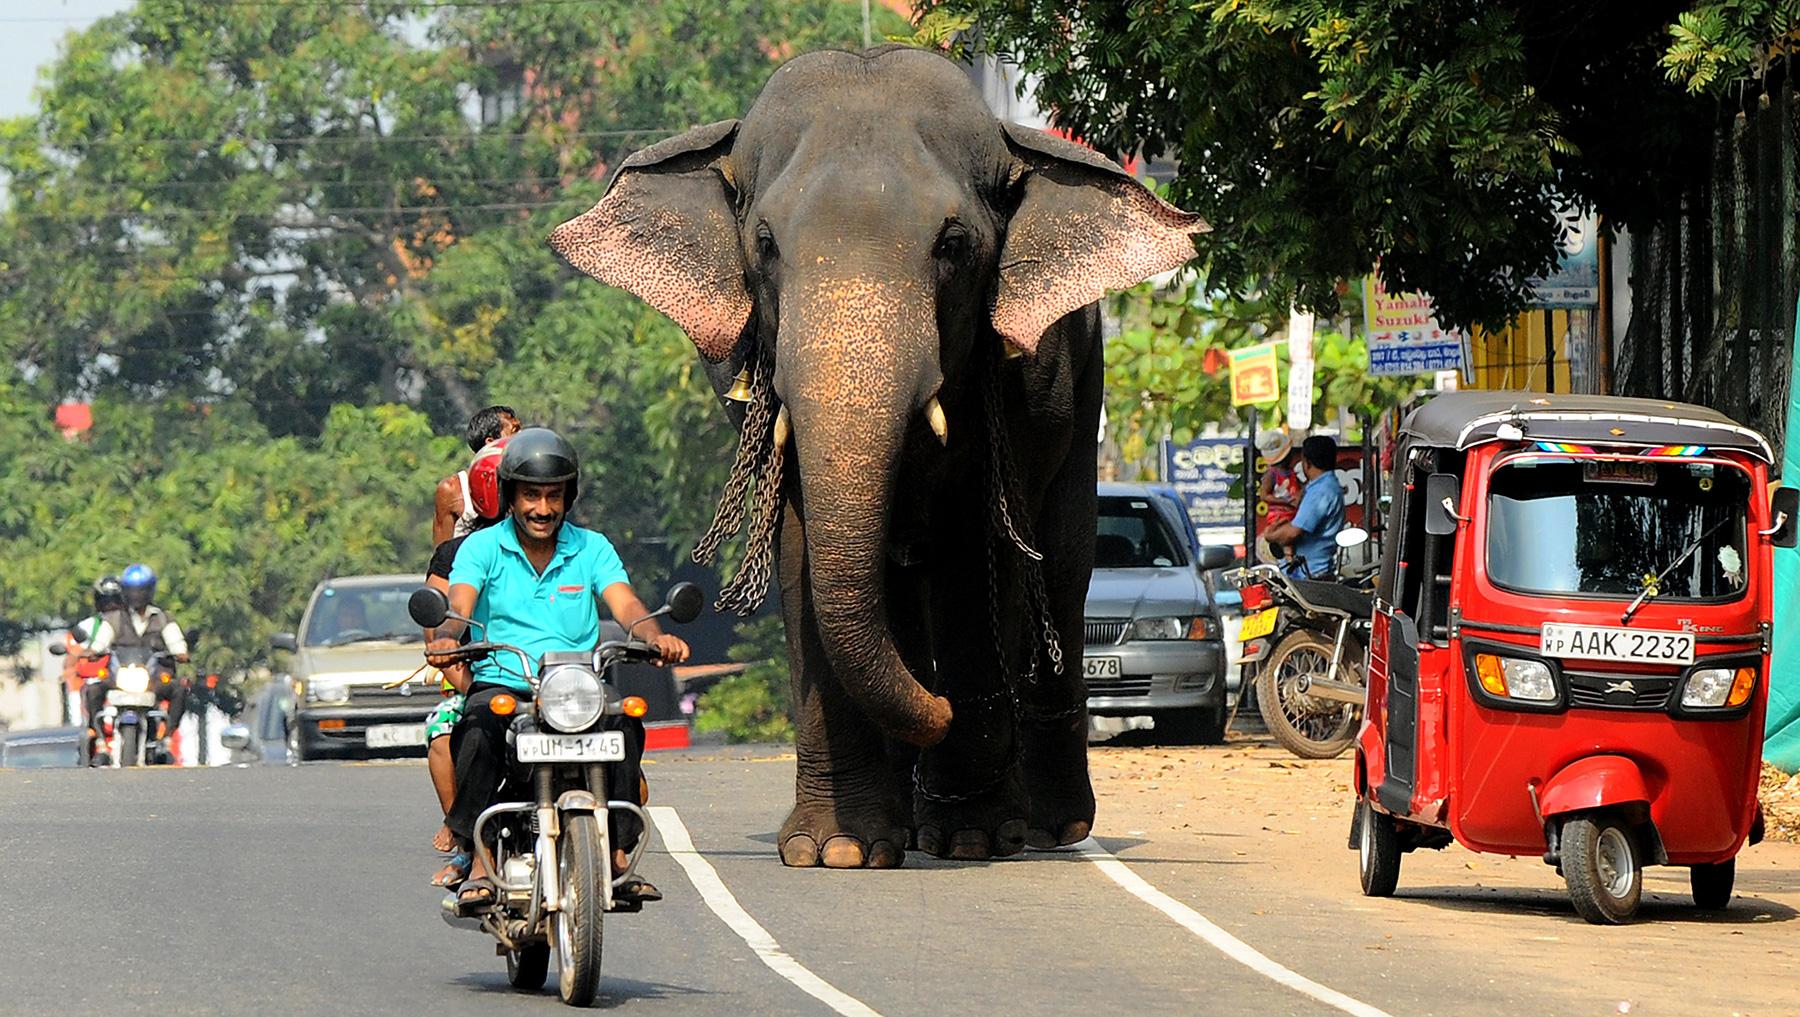 Tour Sri Lanka by Bicycle